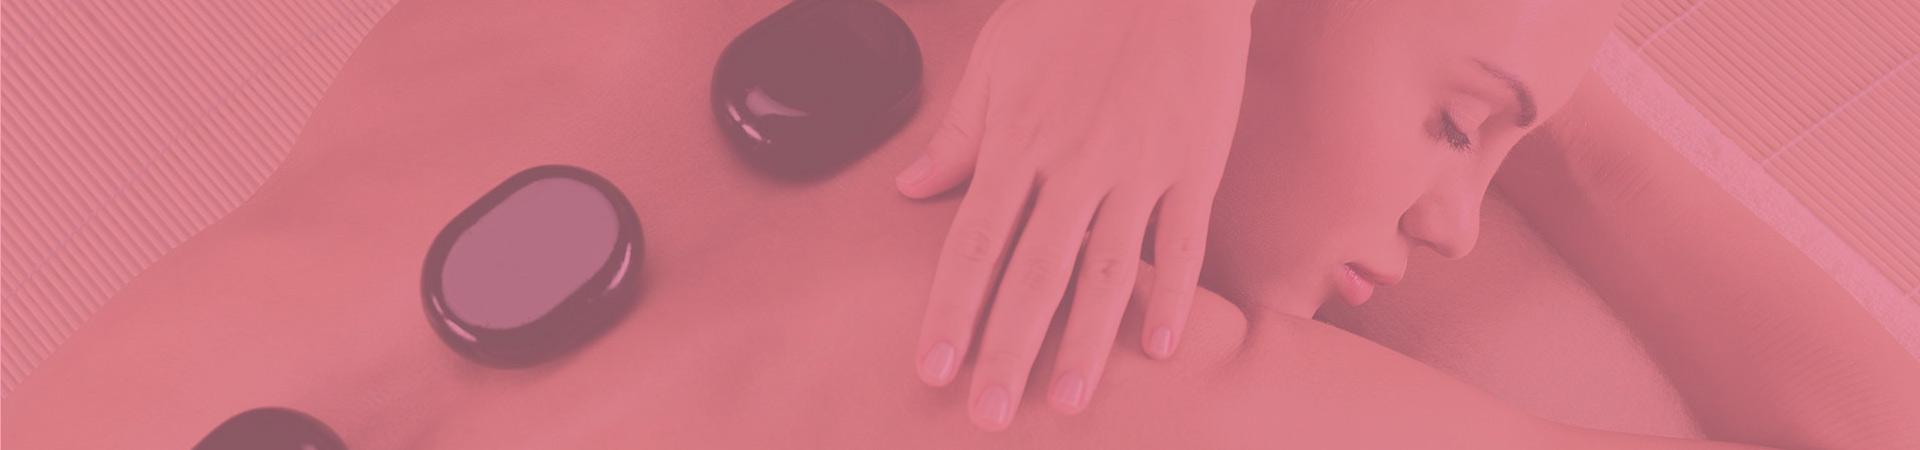 Salud y belleza de la mano